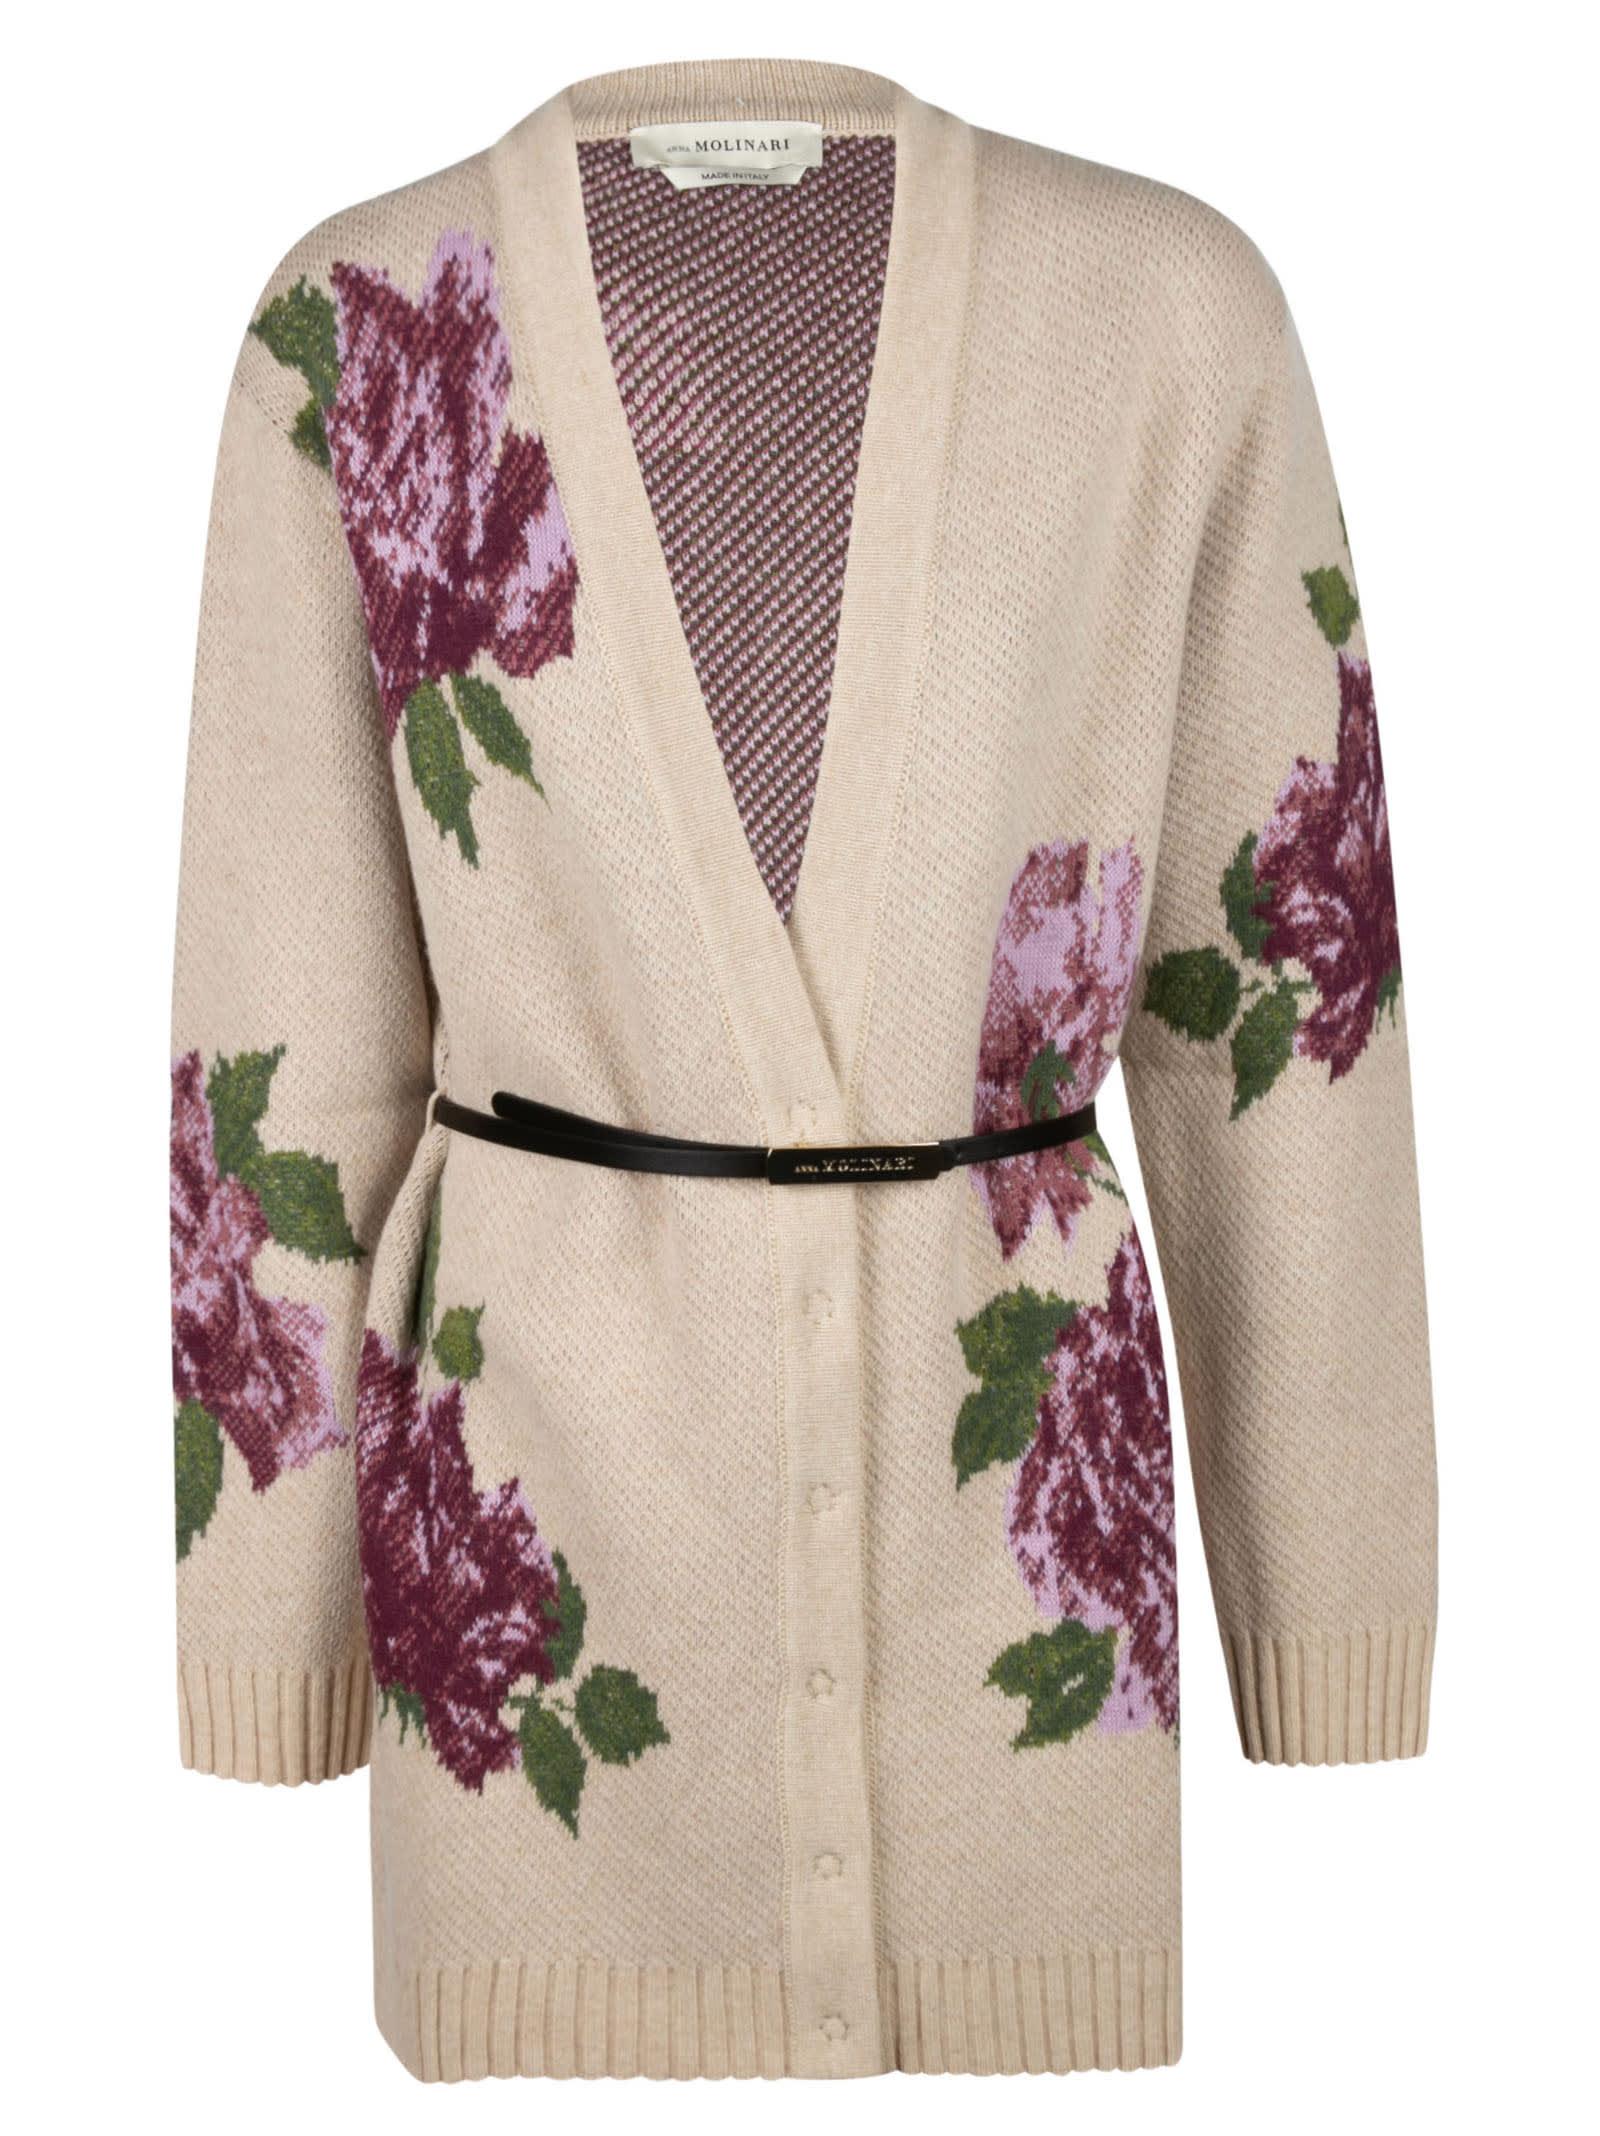 Floral Print Cardi-coat